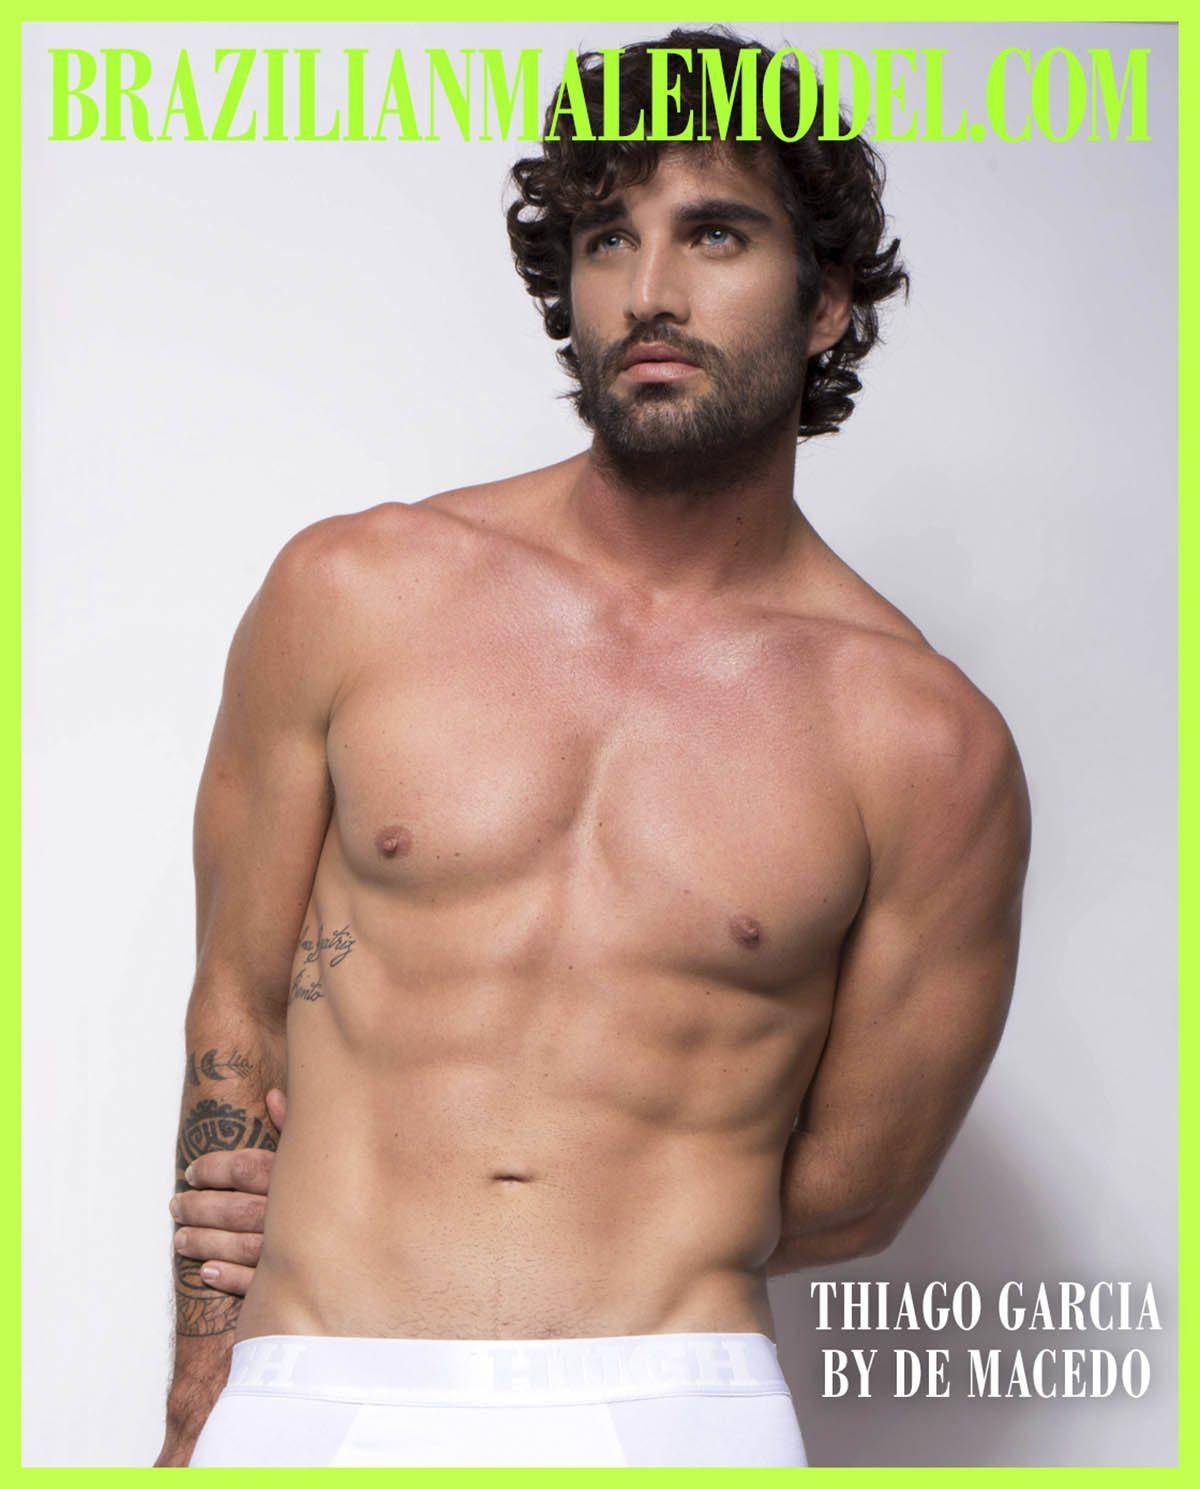 Thiago Garcia by De Macedo